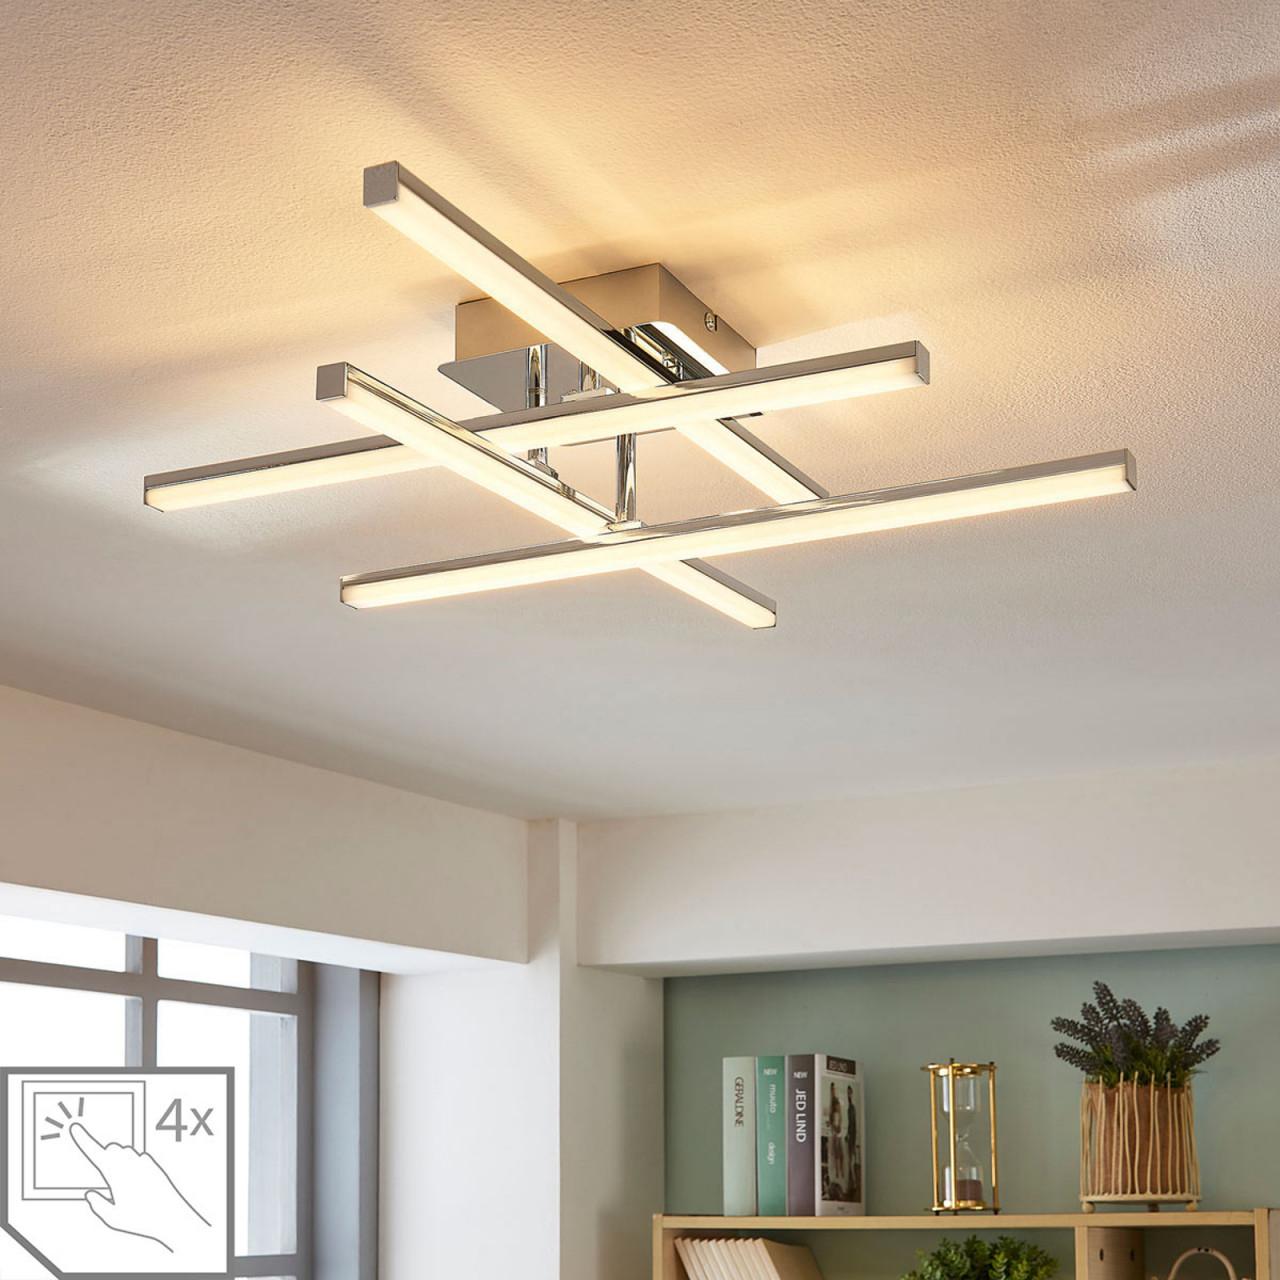 Möbel  Wohnaccessoires Küche Haushalt  Wohnen Für von Wohnzimmer Deckenleuchte Led Bild